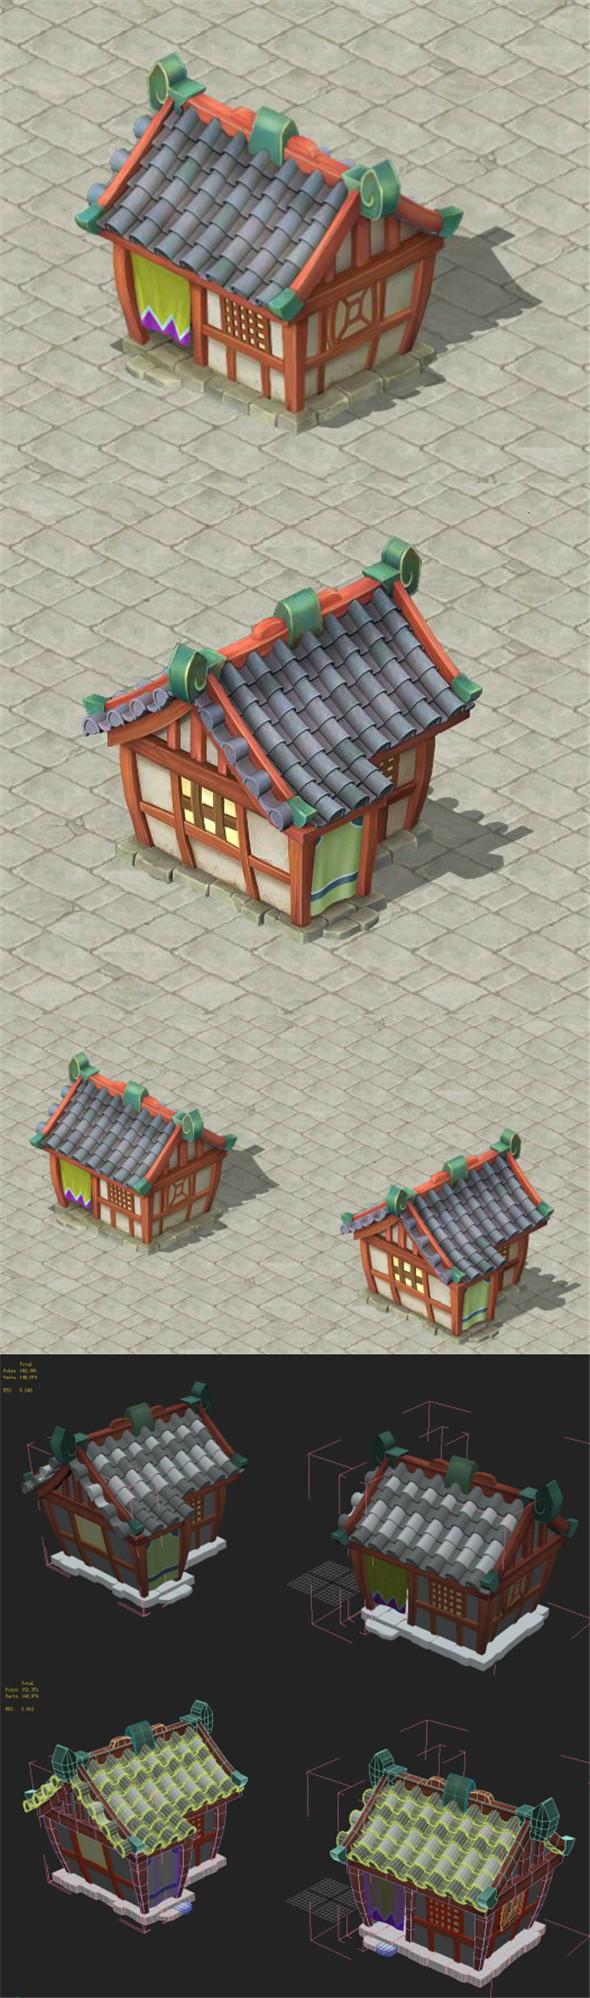 Cartoon Edition - House 13 - 3DOcean Item for Sale